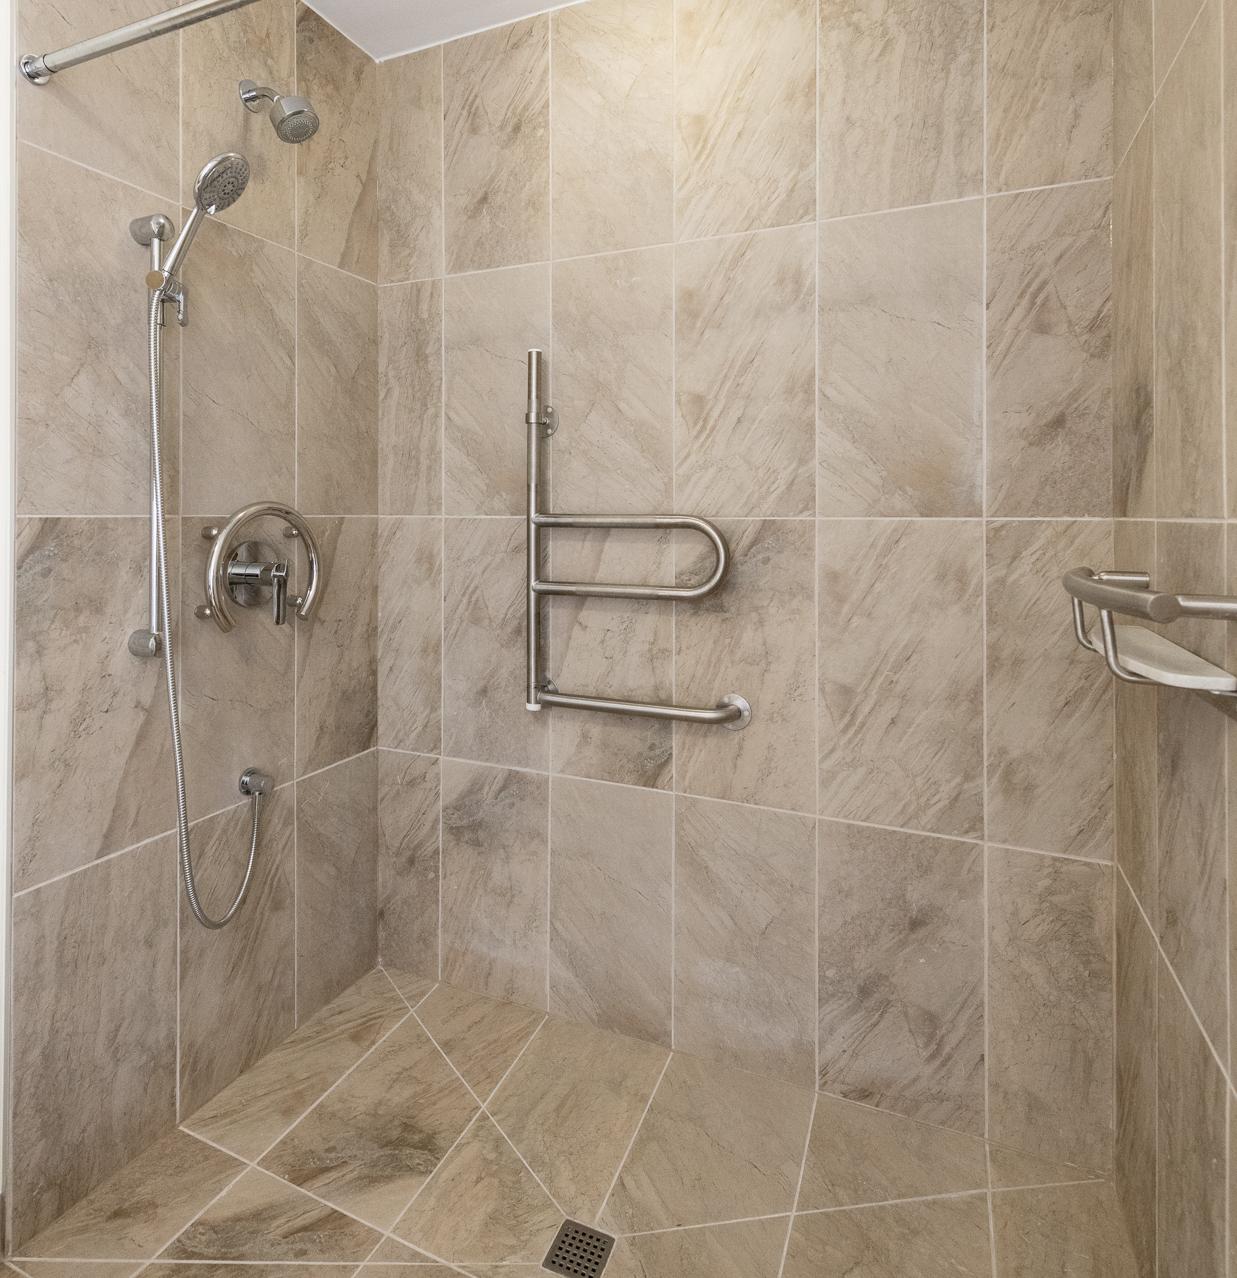 Zero-threshold shower.